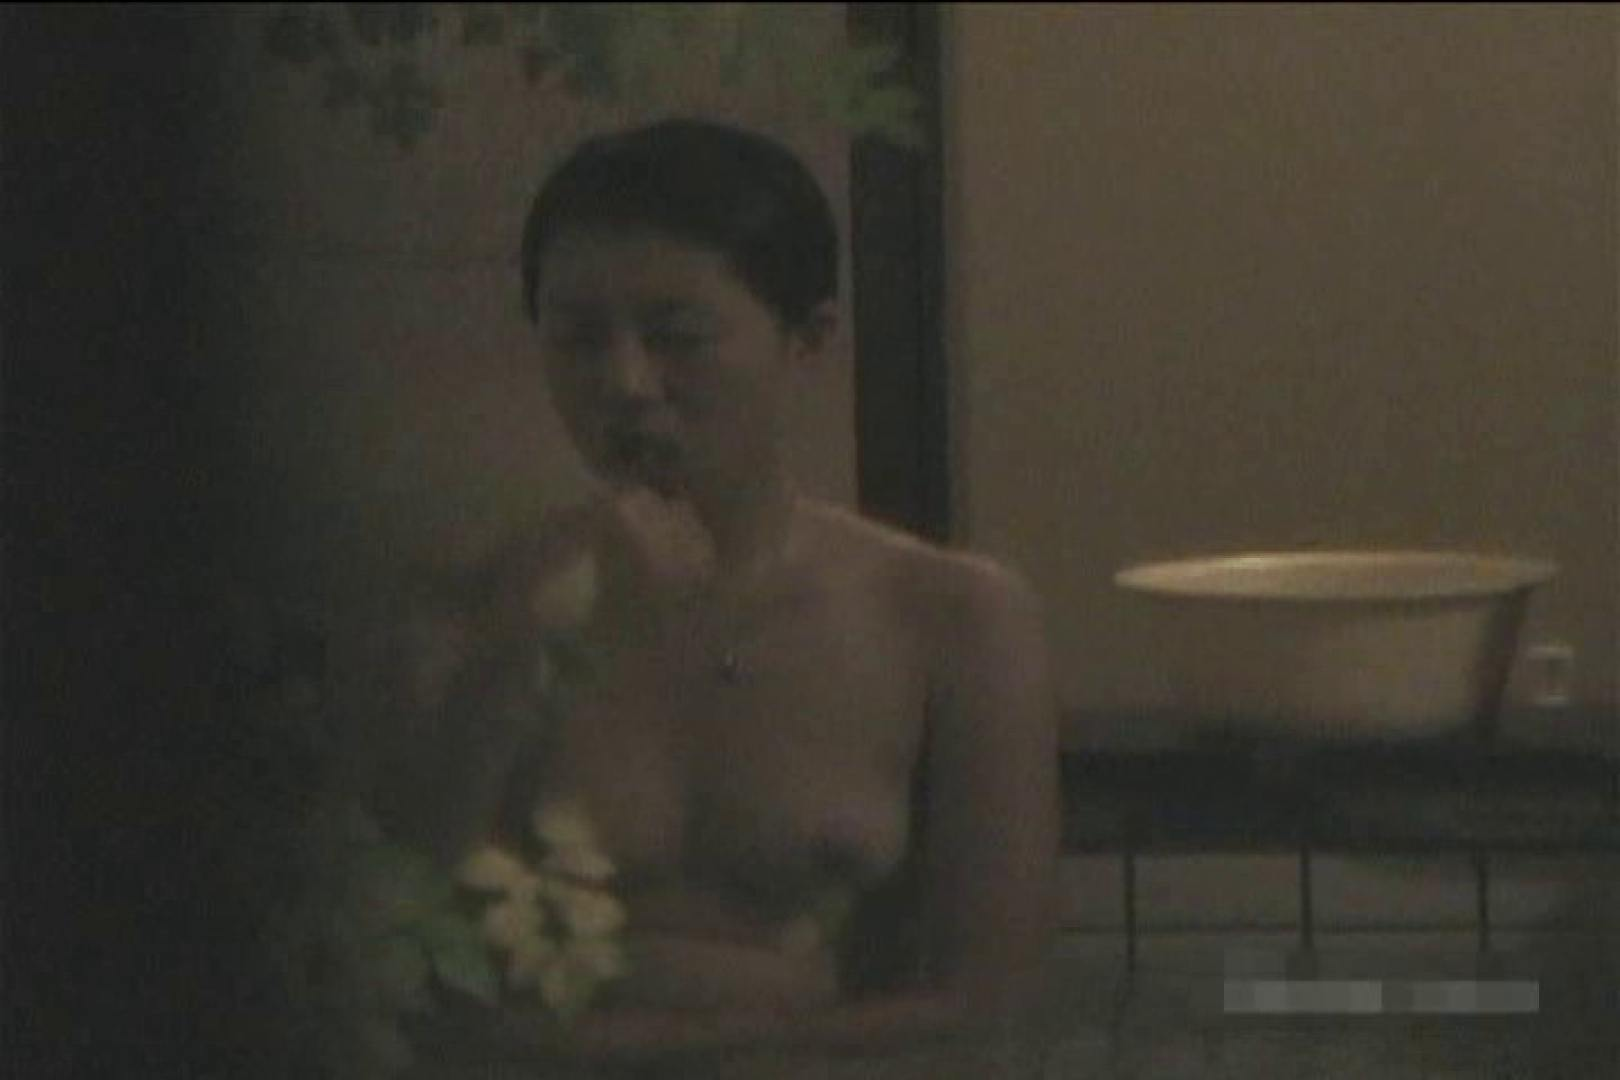 全裸で発情!!家族風呂の実態Vol.1 OL  80枚 31